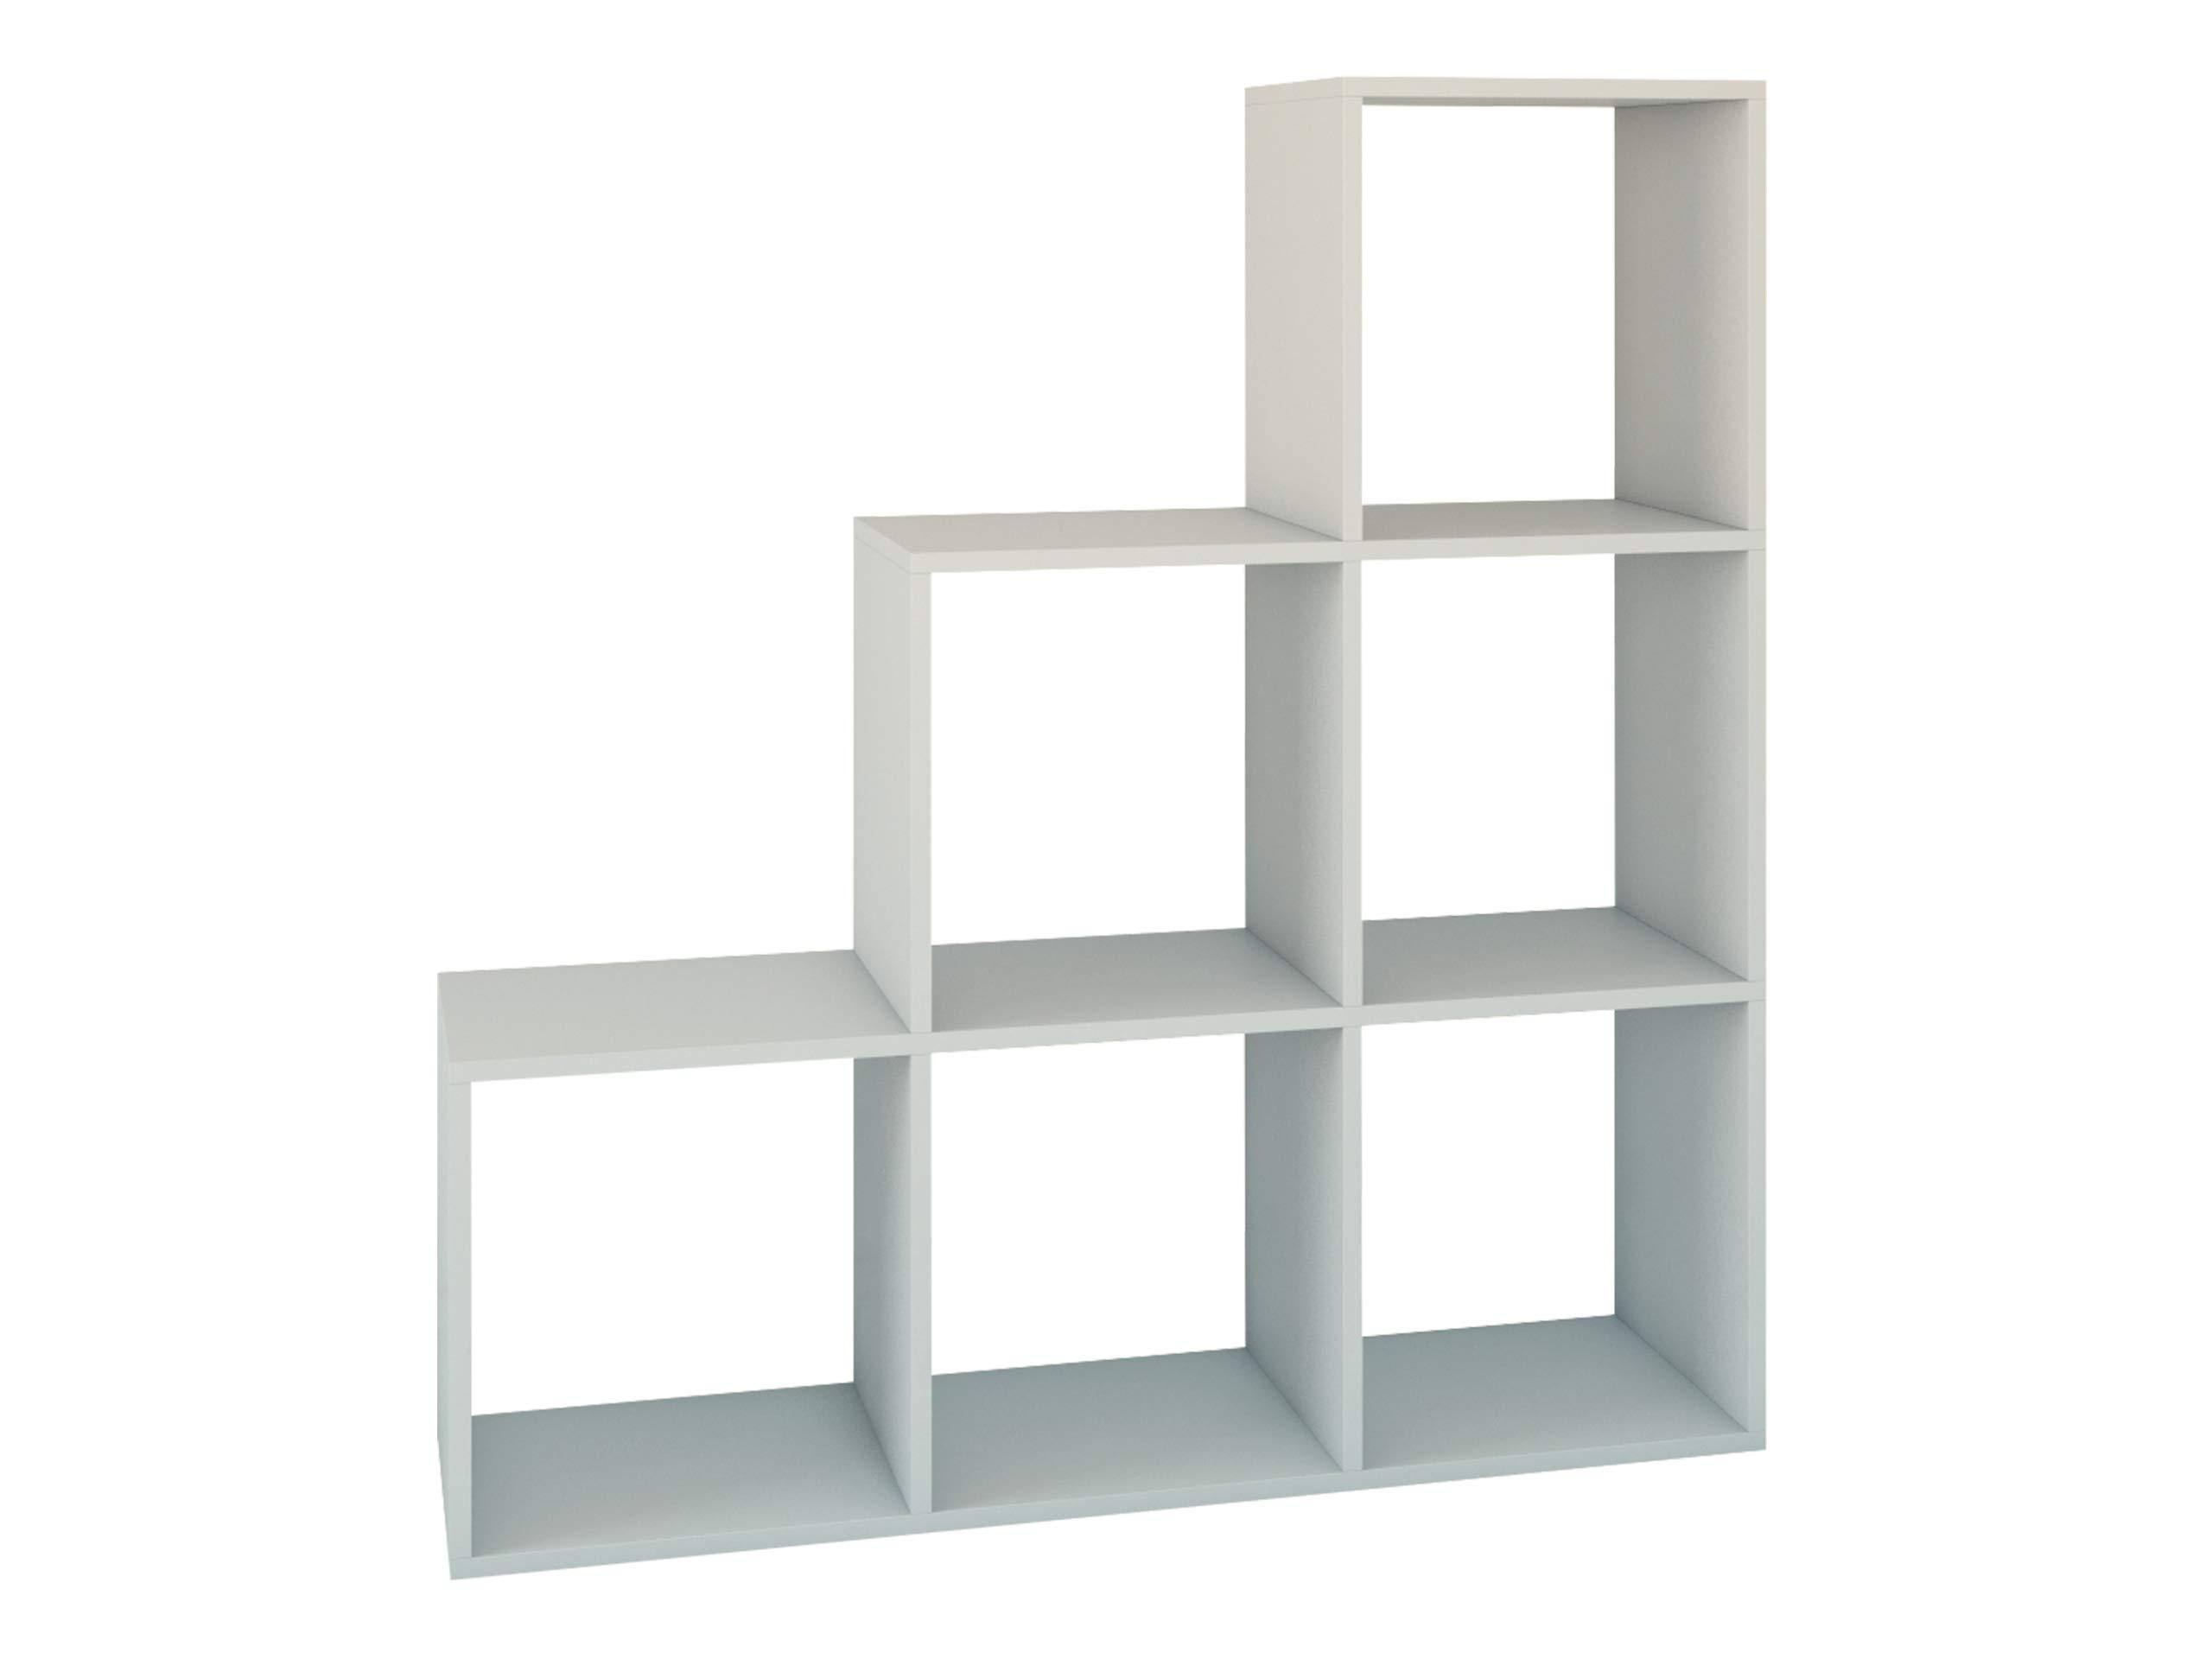 Full Size of Ikea Kallaregal In Wei 77x77cm Amazonde Kche Haushalt Miniküche Modulküche Küche Kaufen Betten 160x200 Bei Kosten Sofa Mit Schlaffunktion Regal Raumteiler Wohnzimmer Raumteiler Ikea